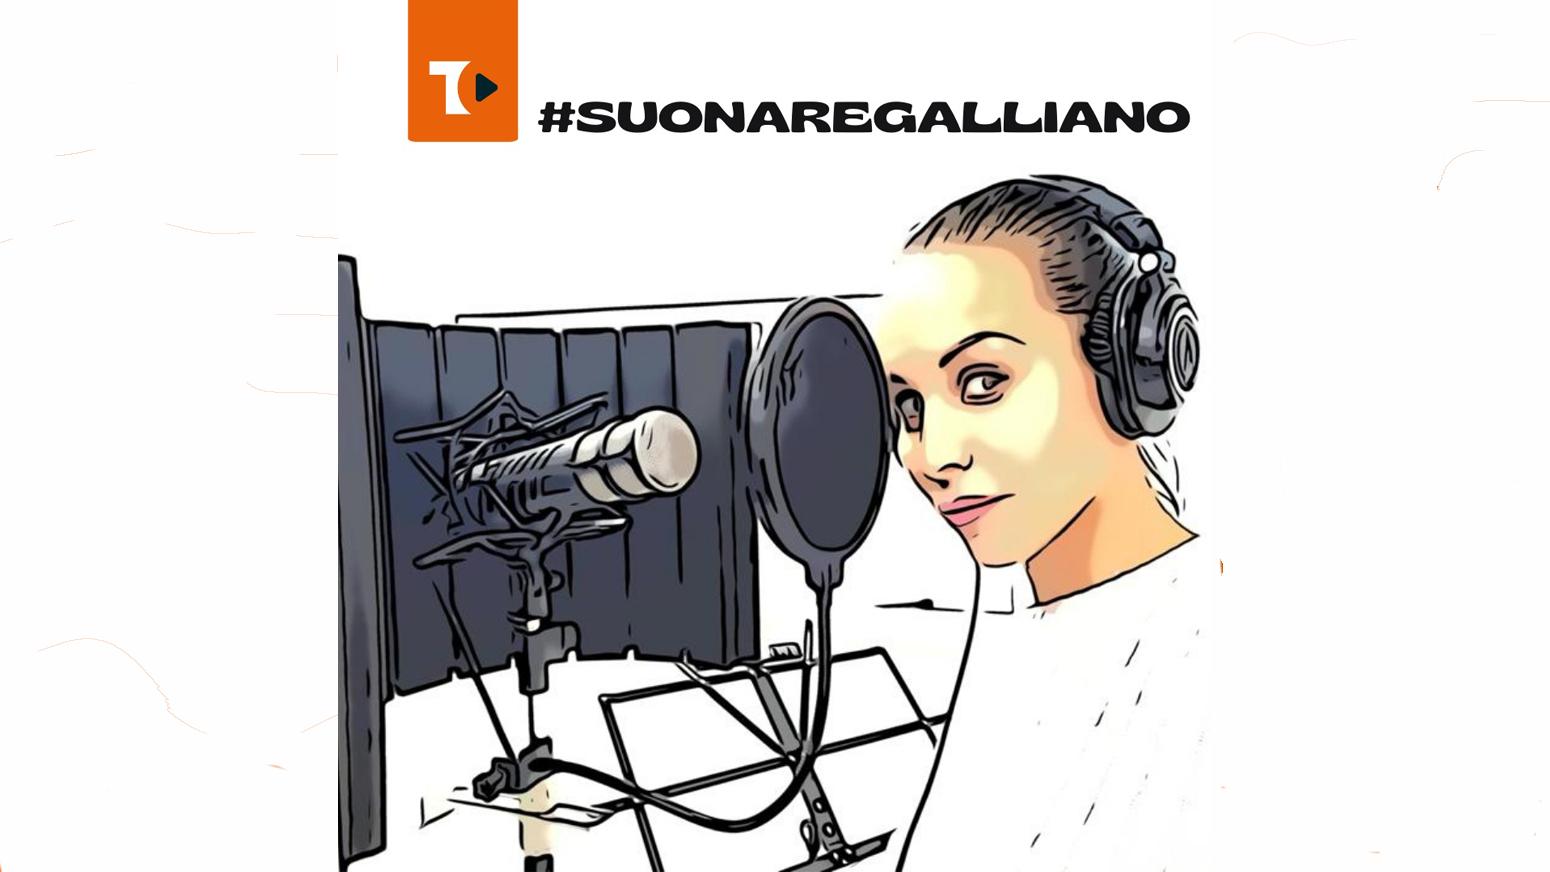 #suonaregalliano